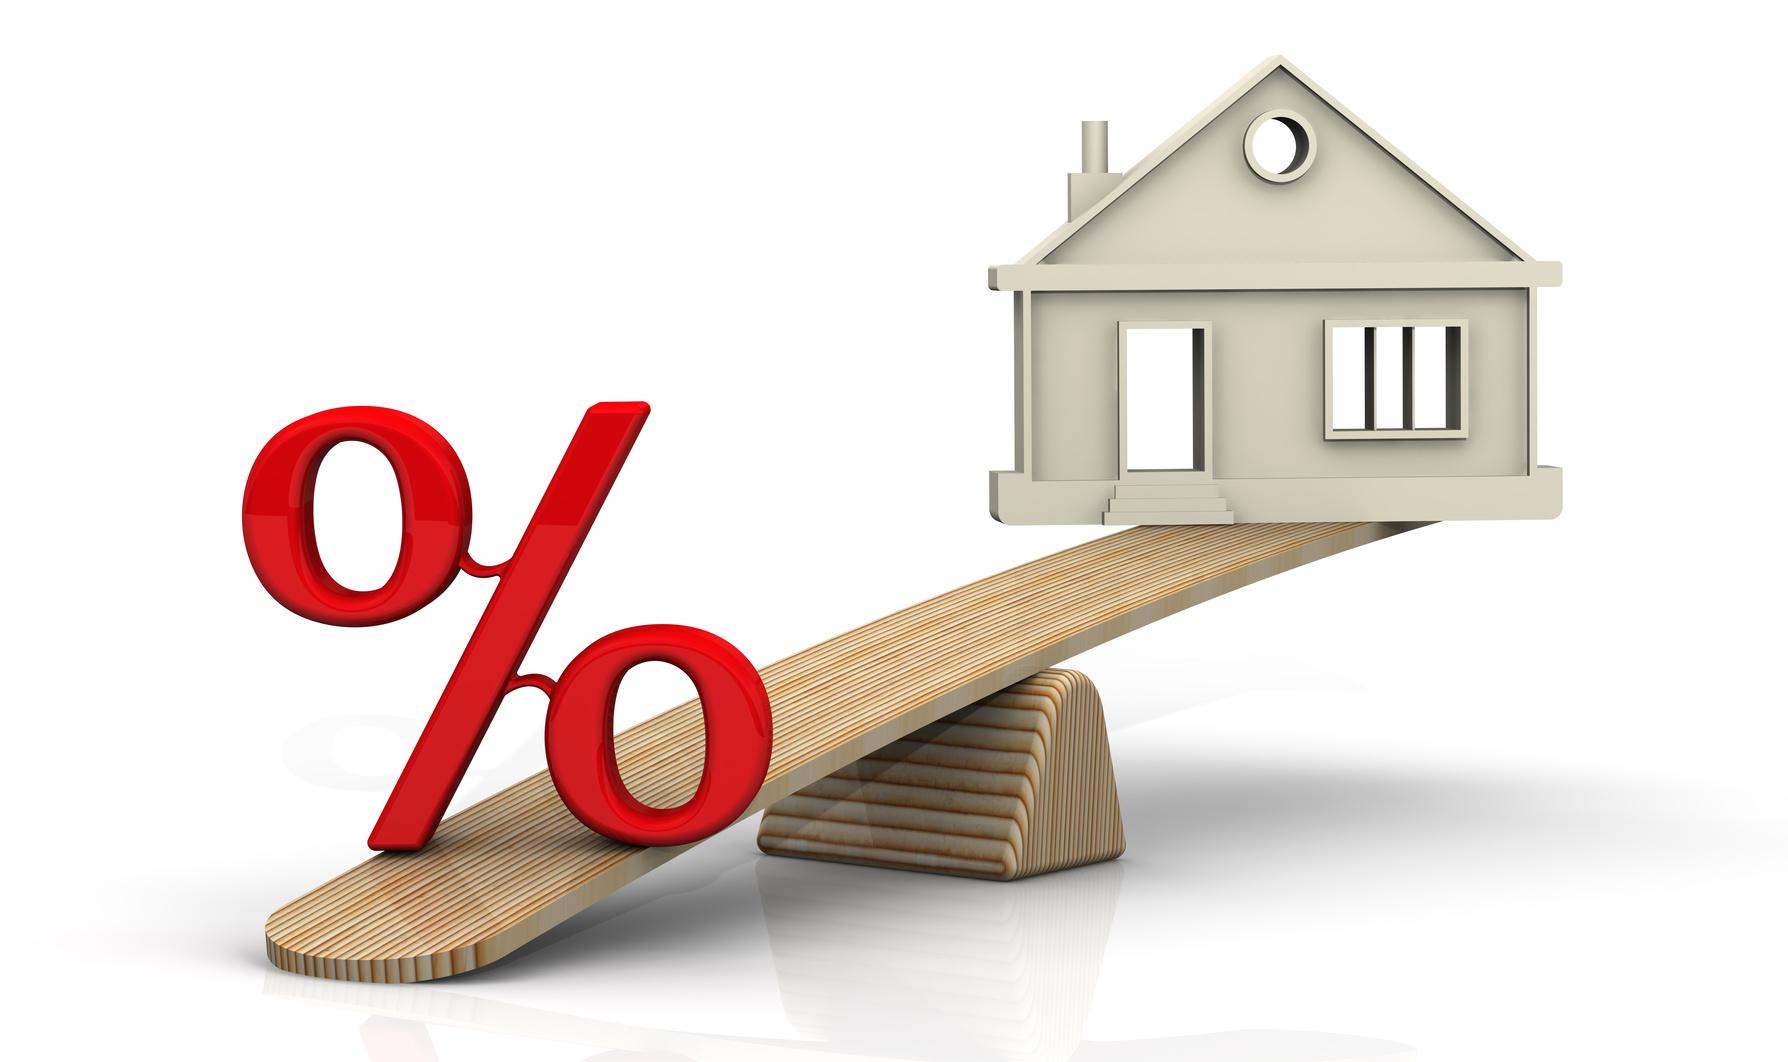 Utilisez un comparatif pour trouver un crédit au meilleur taux